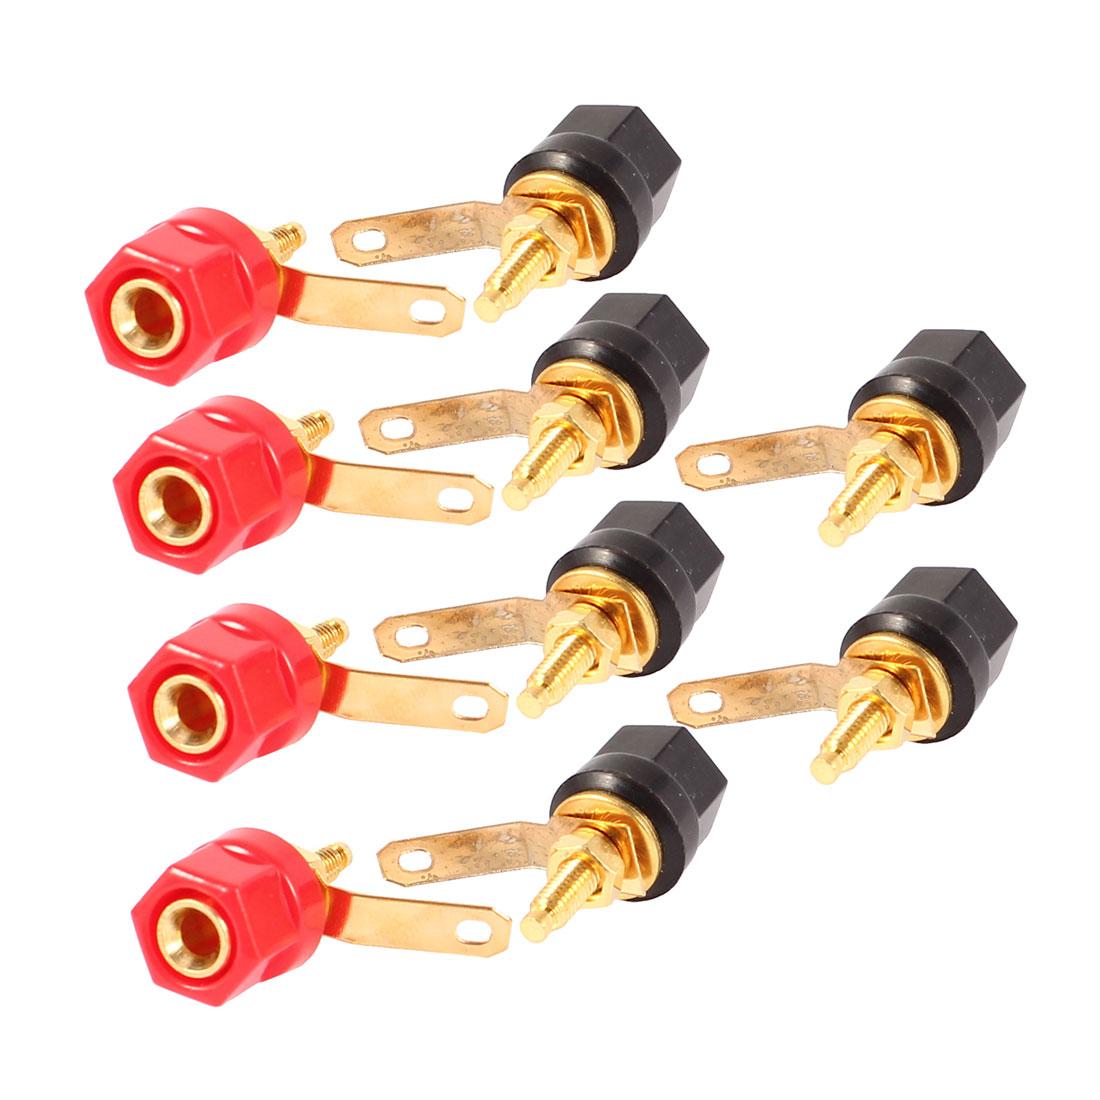 10 Pcs Red Black Hex Cap Speaker Amplifier 4mm Banana Binding Post Connector